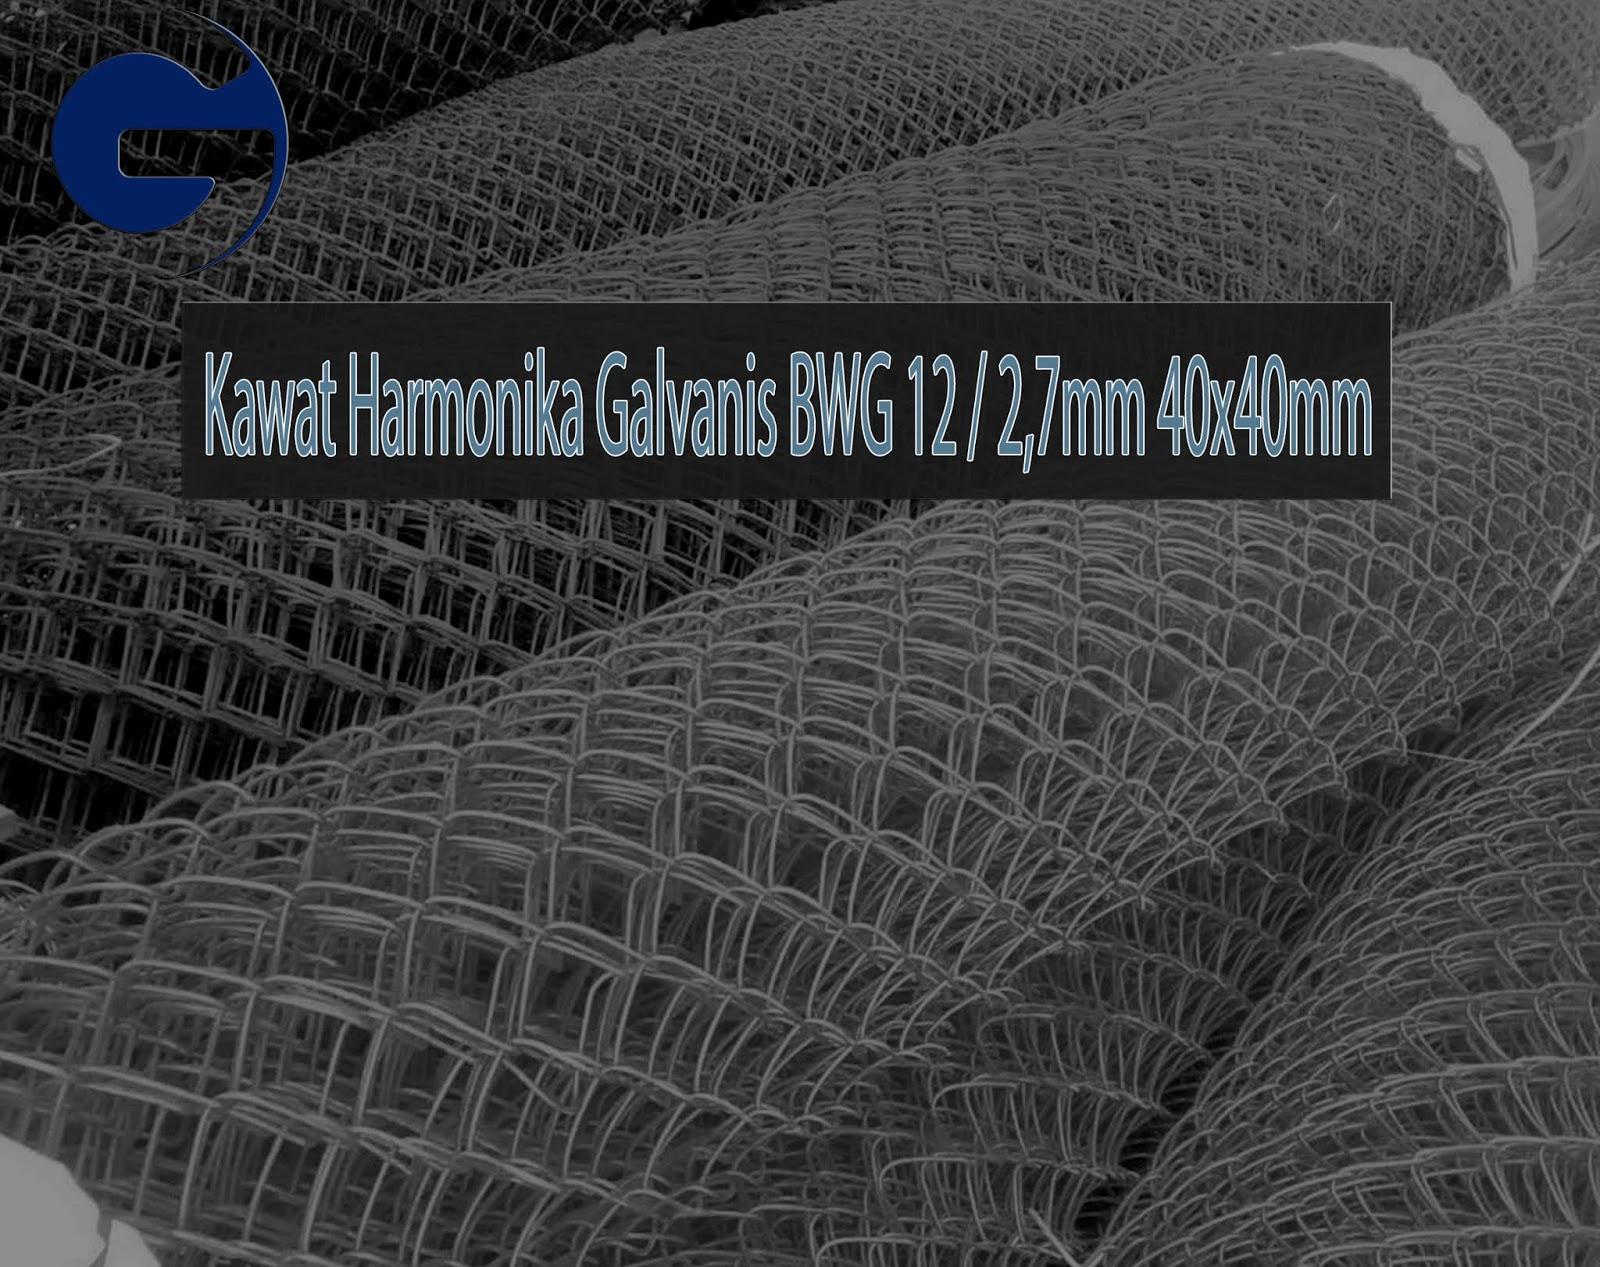 Jual Kawat Harmonika Galvanis SNI BWG 12/2,7mm 40x40mm